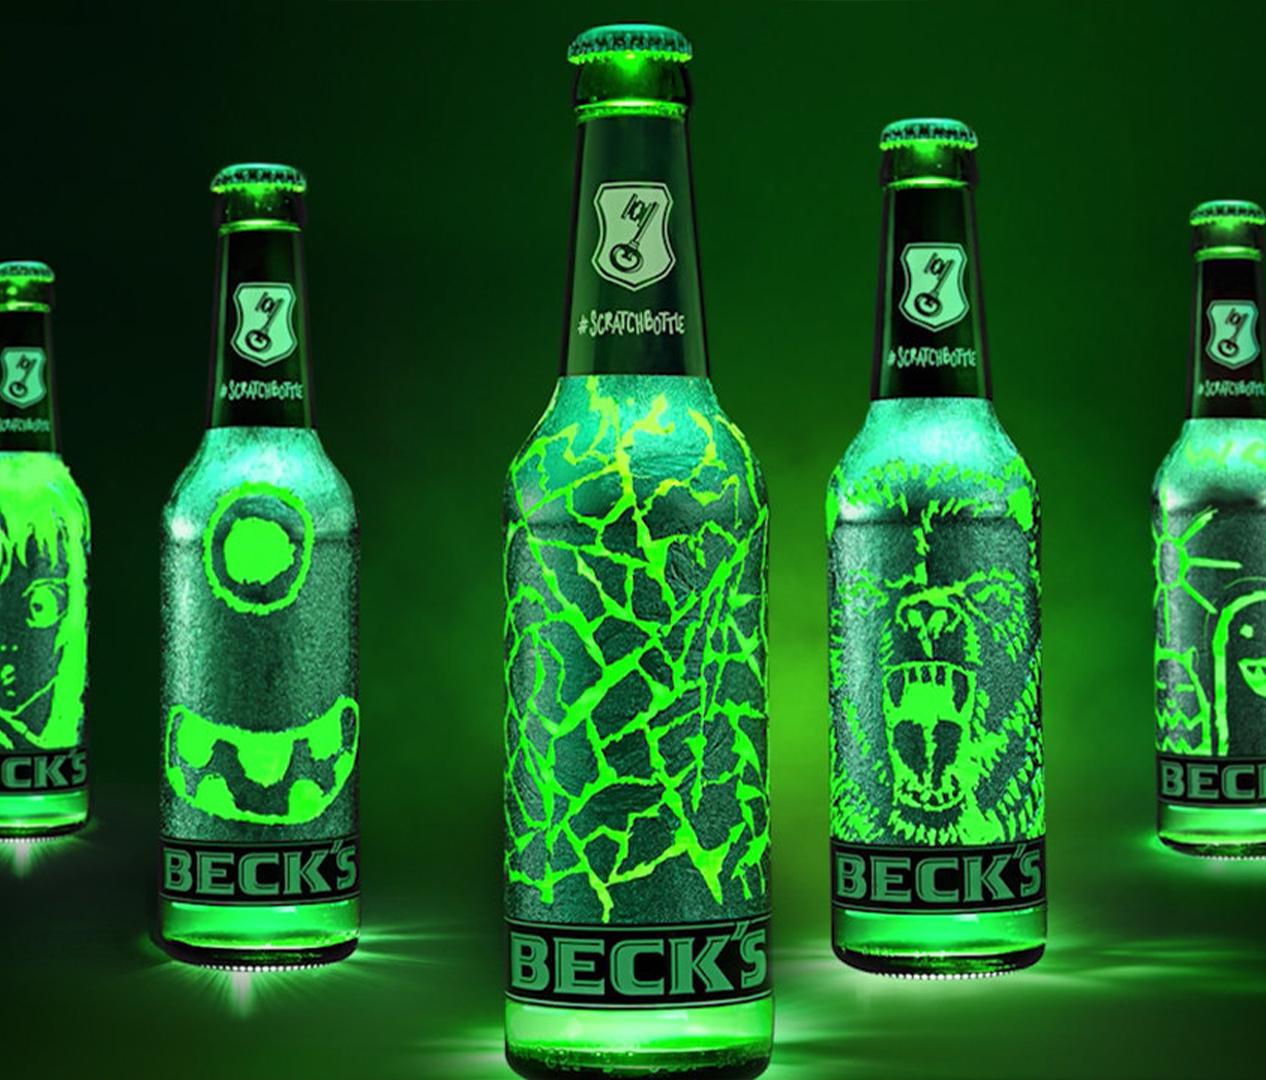 Beck's - Scratchbottle Flasche